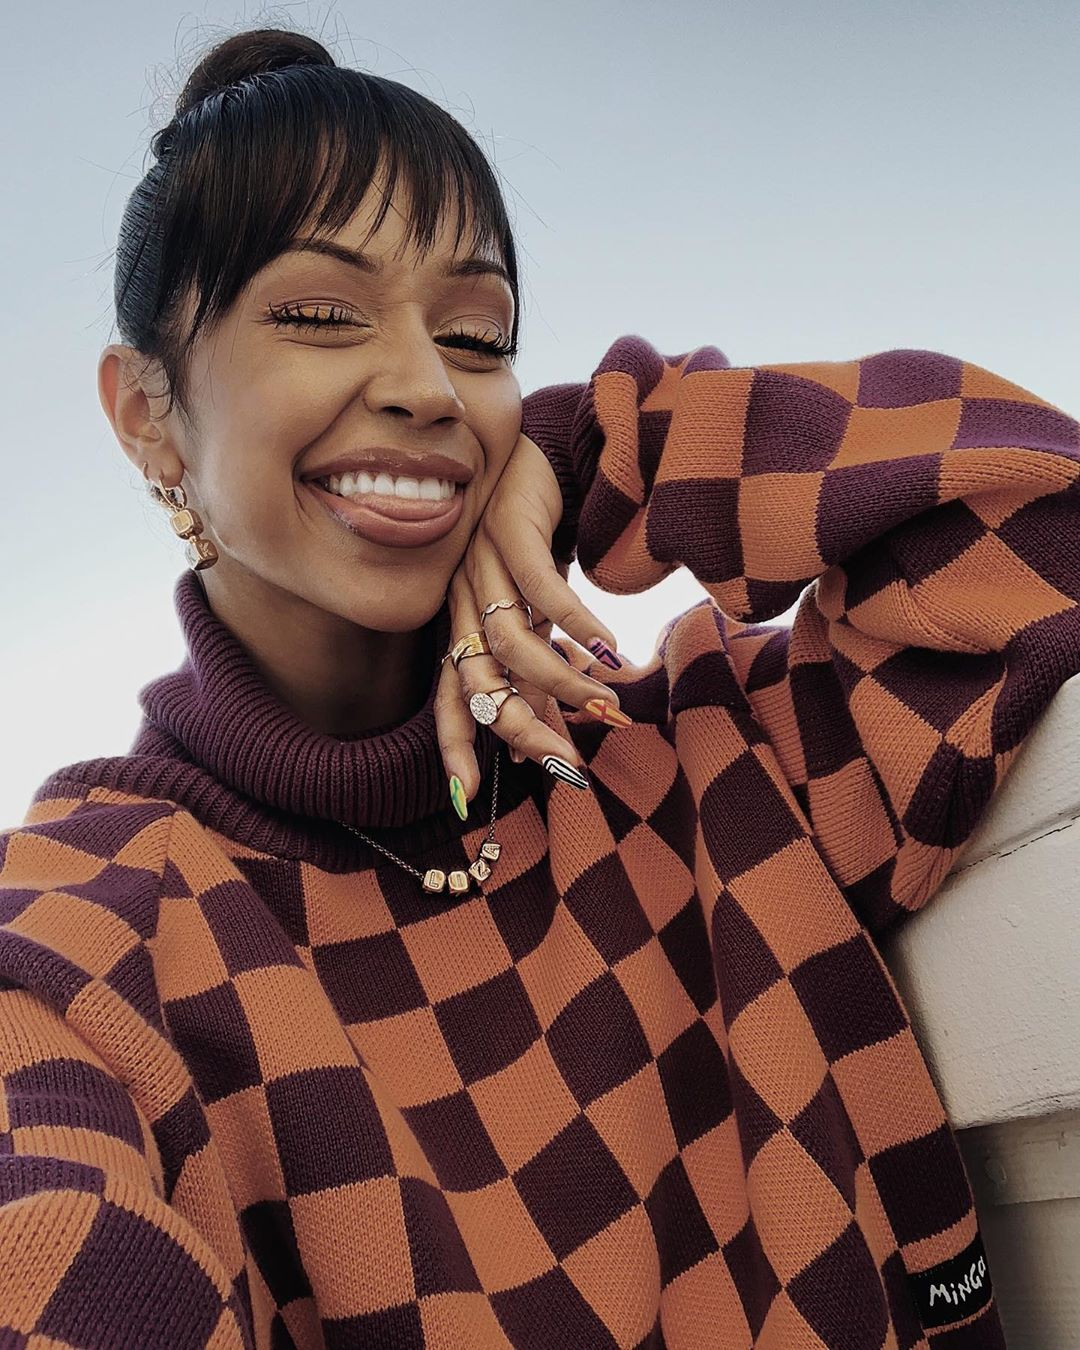 Liza Koshy Lovely Face, apparel ideas, facial expression